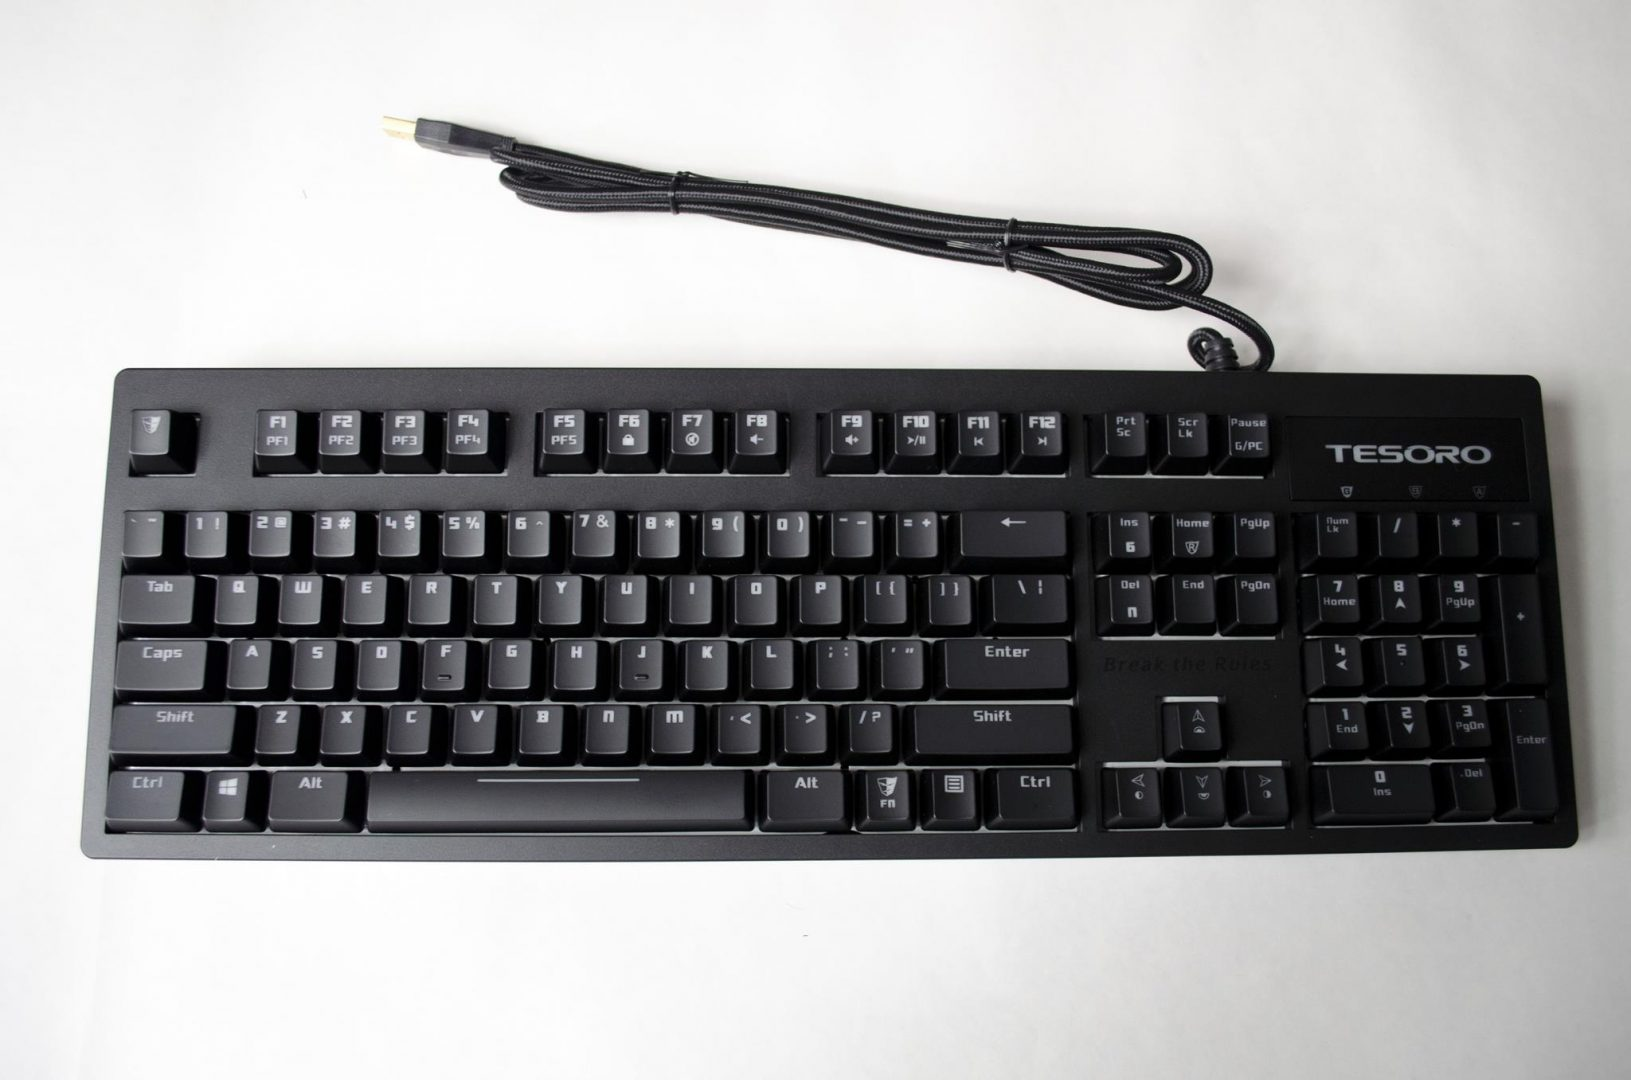 tesoro ecalibur spectrum mechanical gaming keyboard review_2